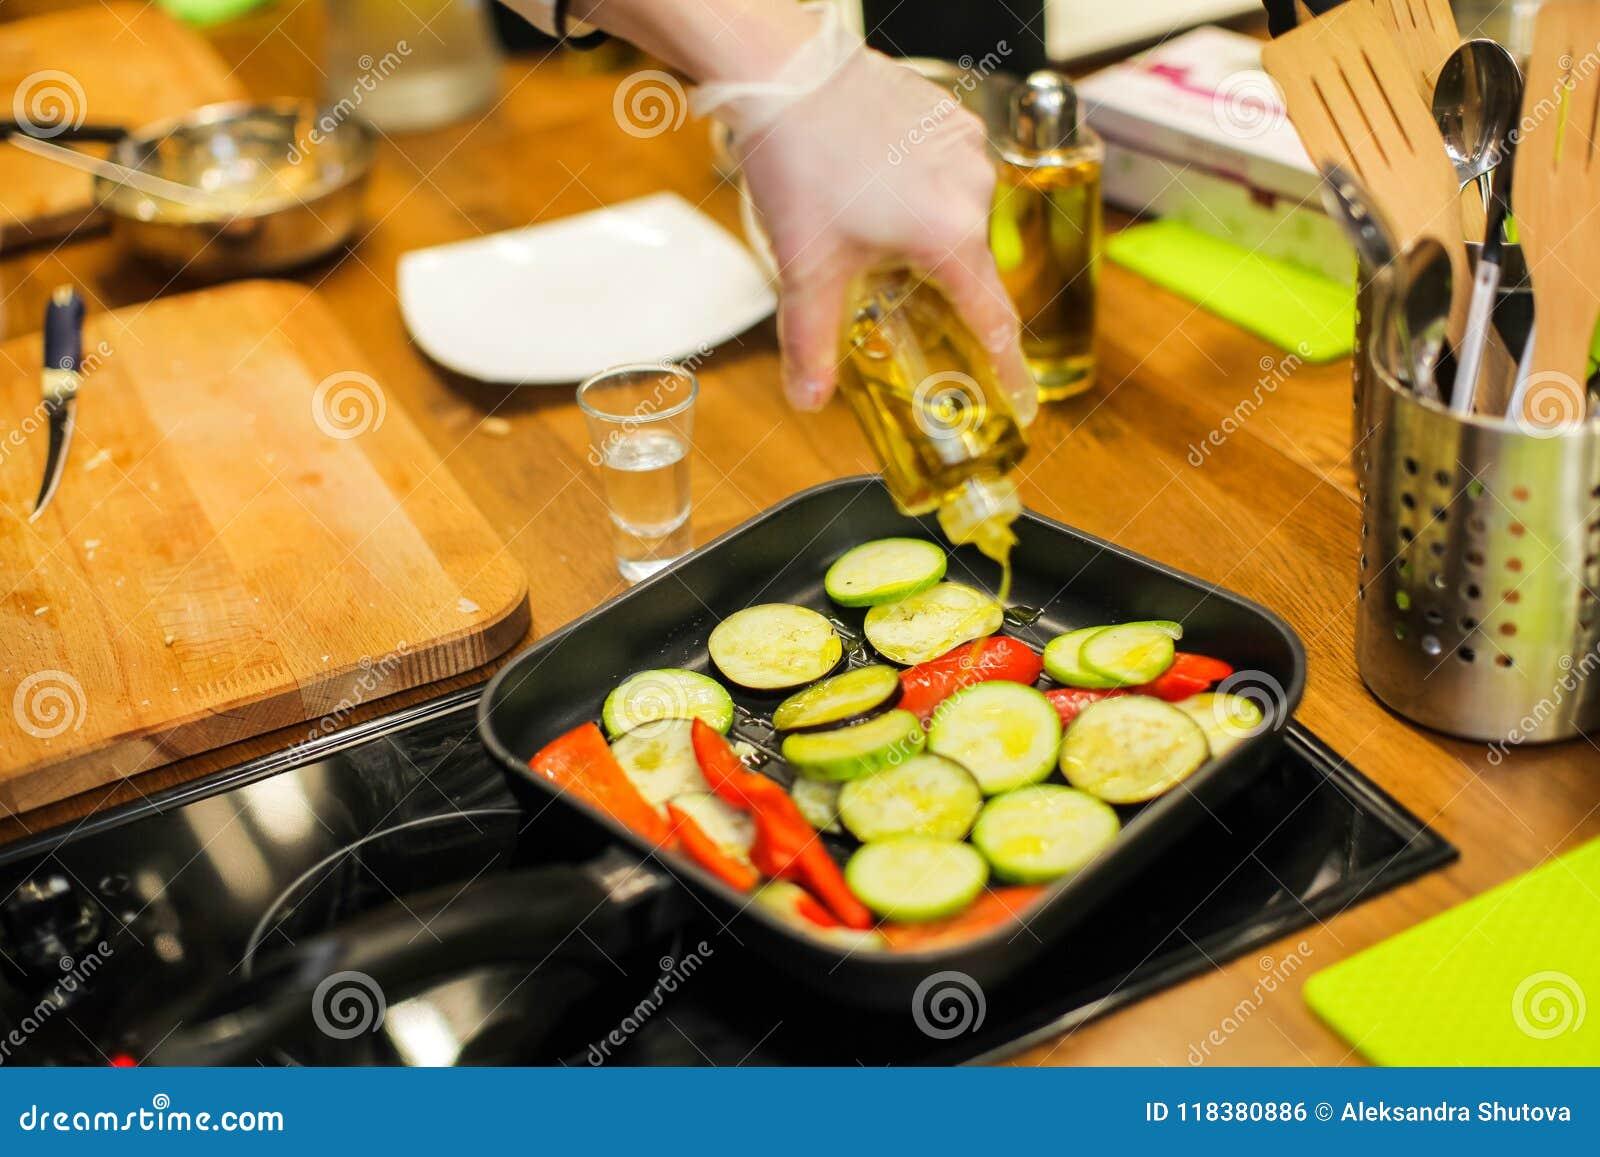 Dzbanek nalewa ciecz na niecce z warzywami Smażyć nieckę jest rozgrzewkowy up Potrzebuje niektóre oliwa z oliwek